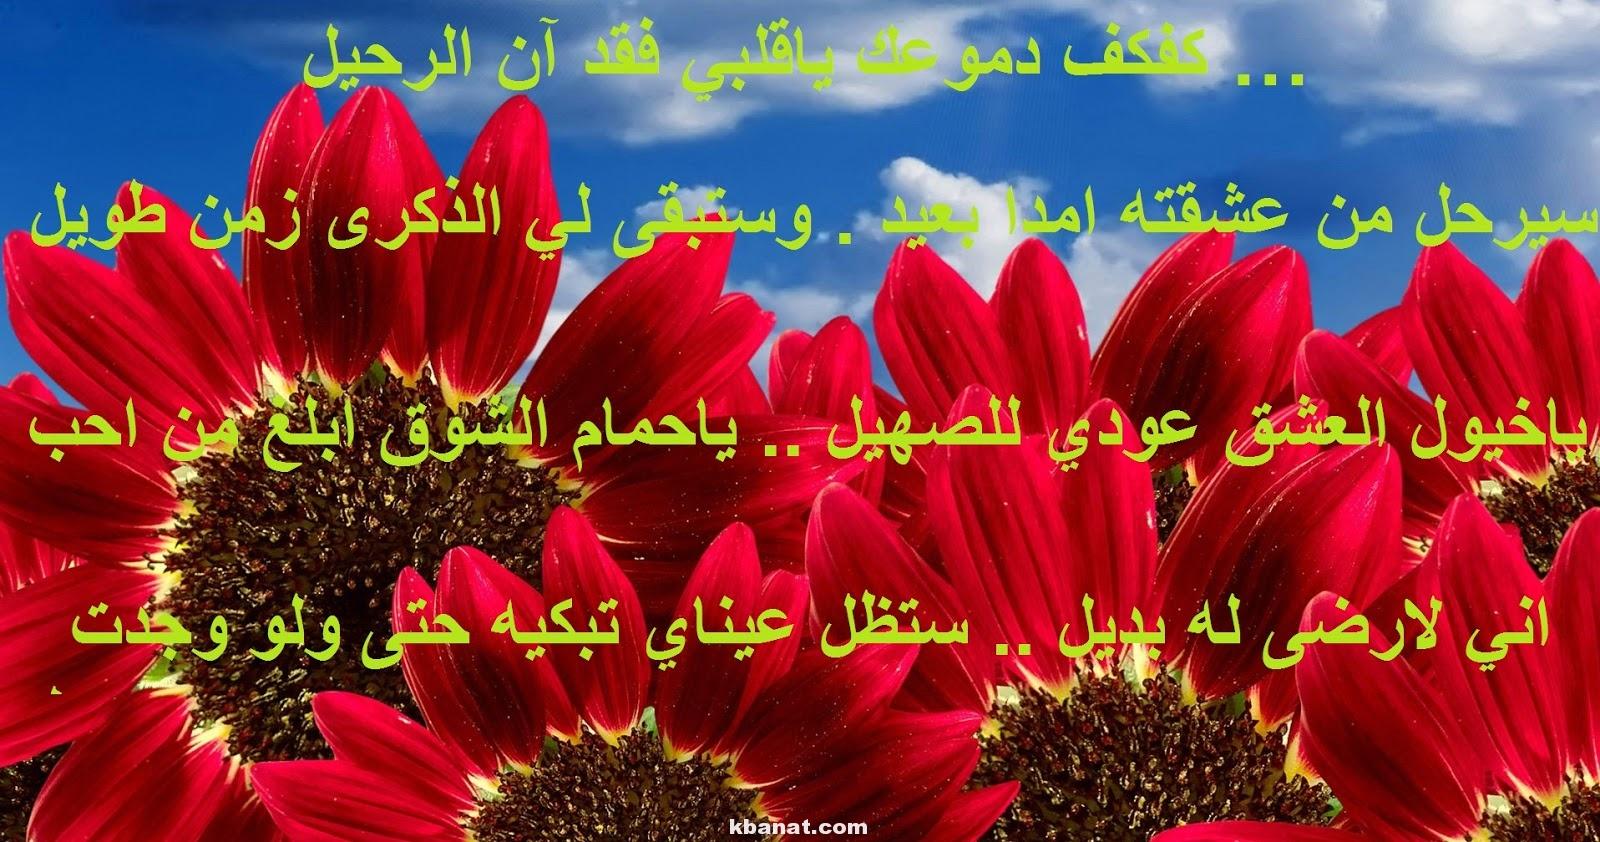 بالصور اجمل رسالة حب , كلمات ستجعل حبيبك يموت فيك 3592 11